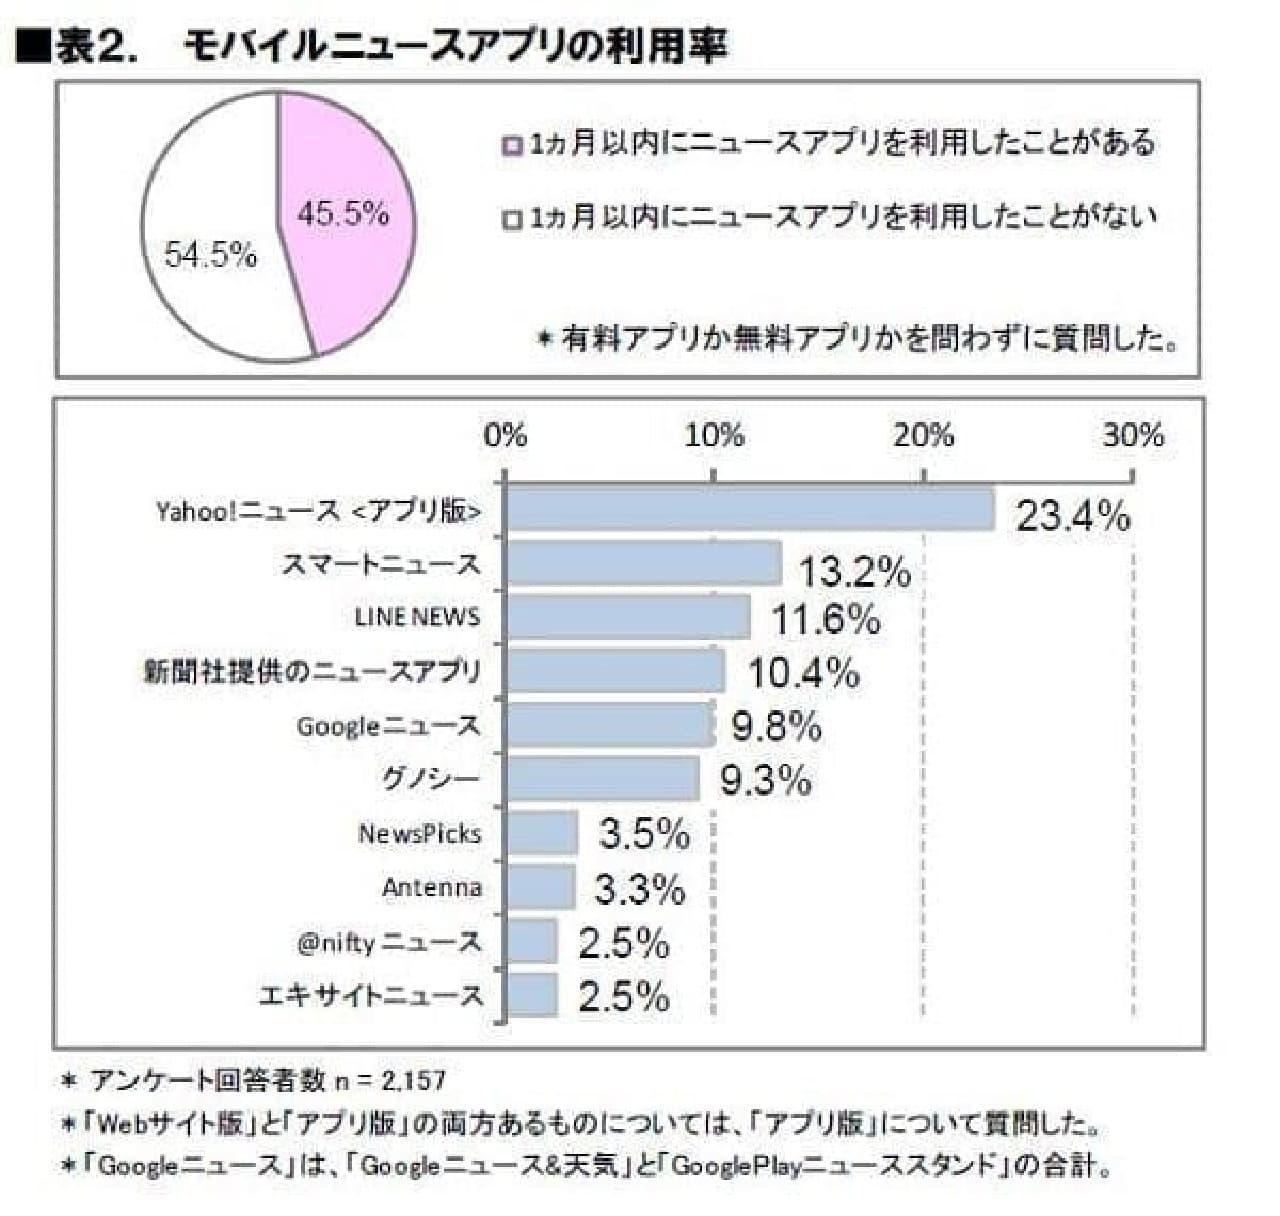 利用率No.1は「Yahoo!ニュース(アプリ版)」